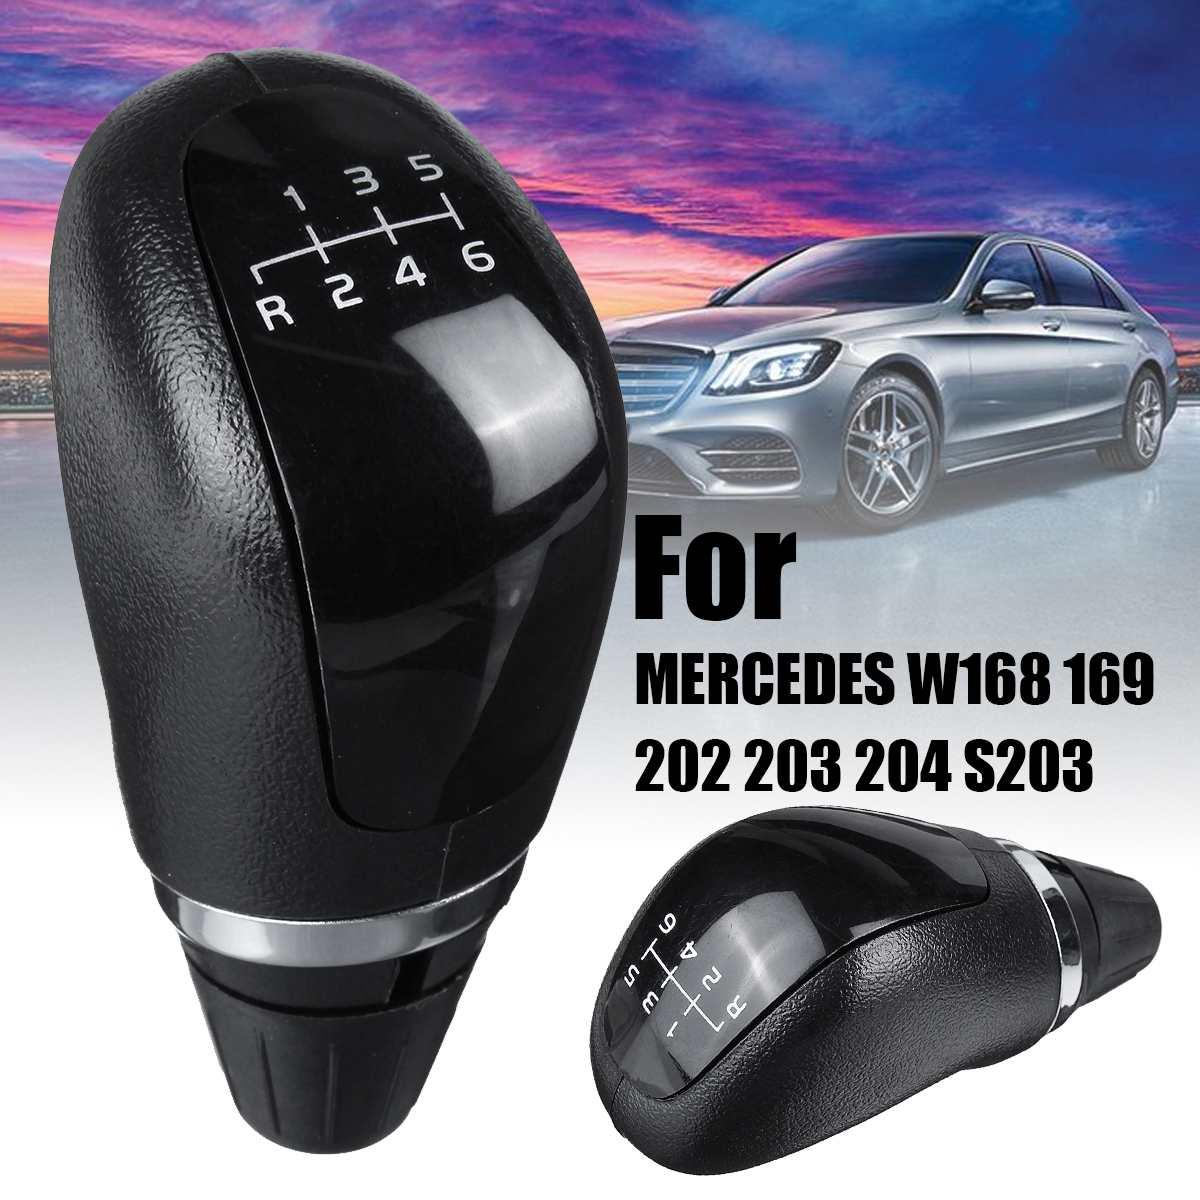 NEUE 1PCS 6 Geschwindigkeit Auto Shift Schaltknauf Manuelle 6-speed Schaltknauf Für MERCEDES W168 169 202 203 204 S203